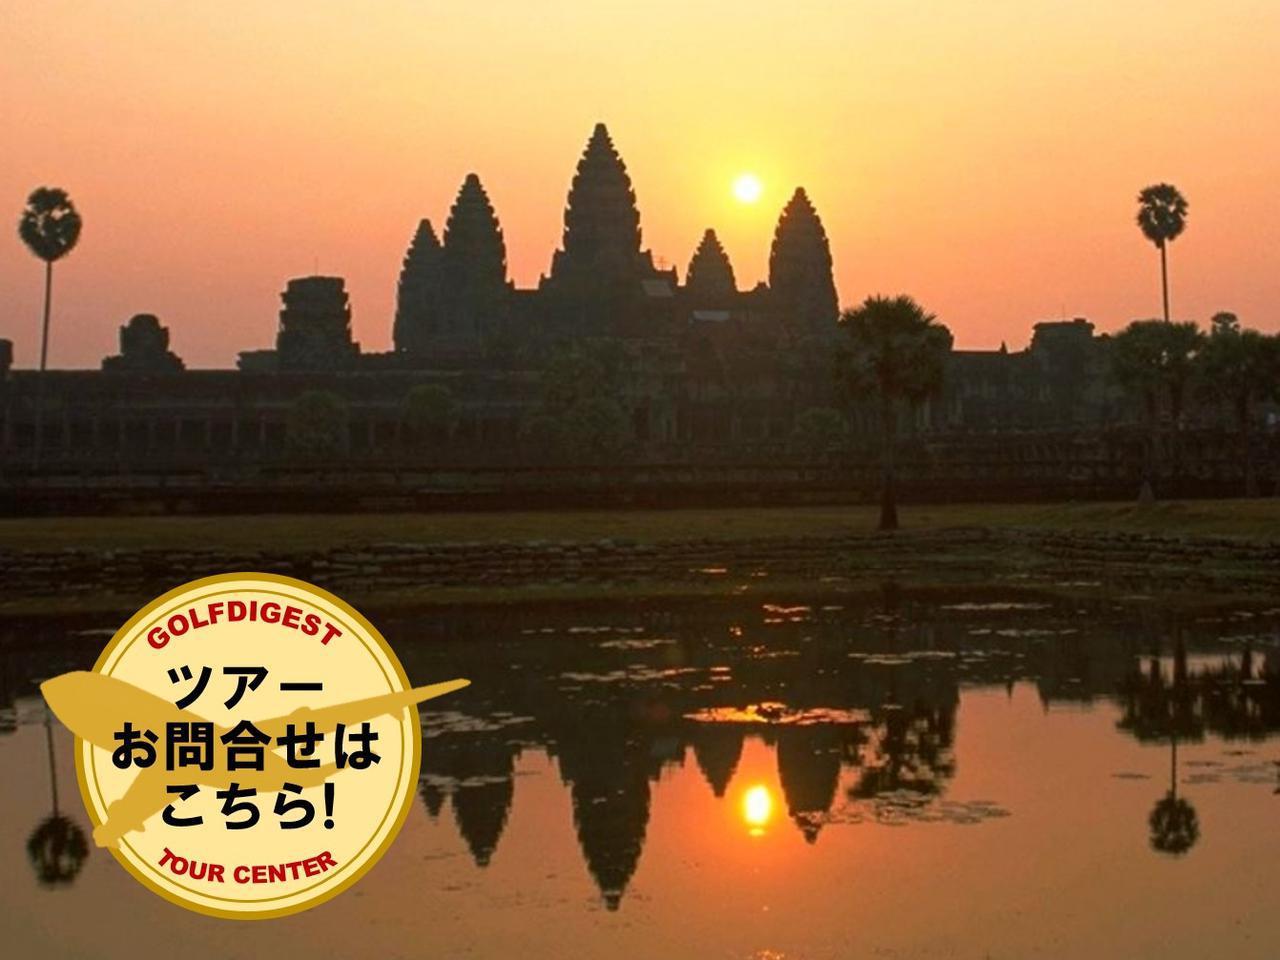 画像: 【カンボジア・世界遺産】クメール建築の傑作 アンコールワットとアンコールトム、カンボジア世界遺産とゴルフの旅 5日間(添乗員同行) - ゴルフへ行こうWEB by ゴルフダイジェスト